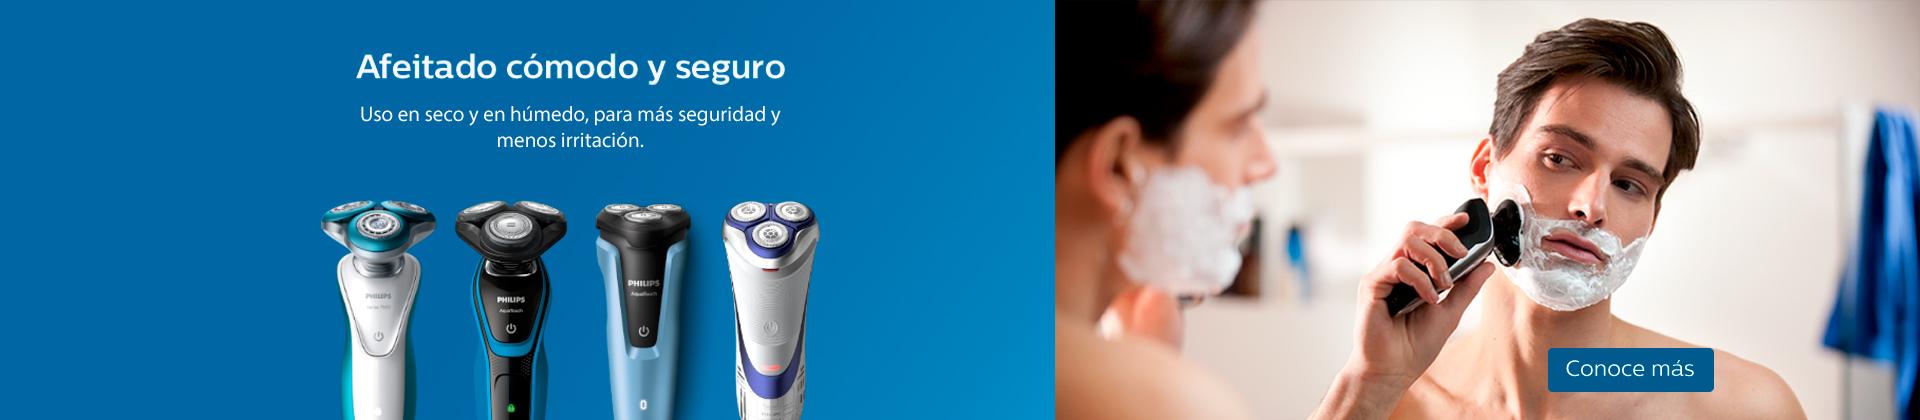 Máquinas de afeitar Philips